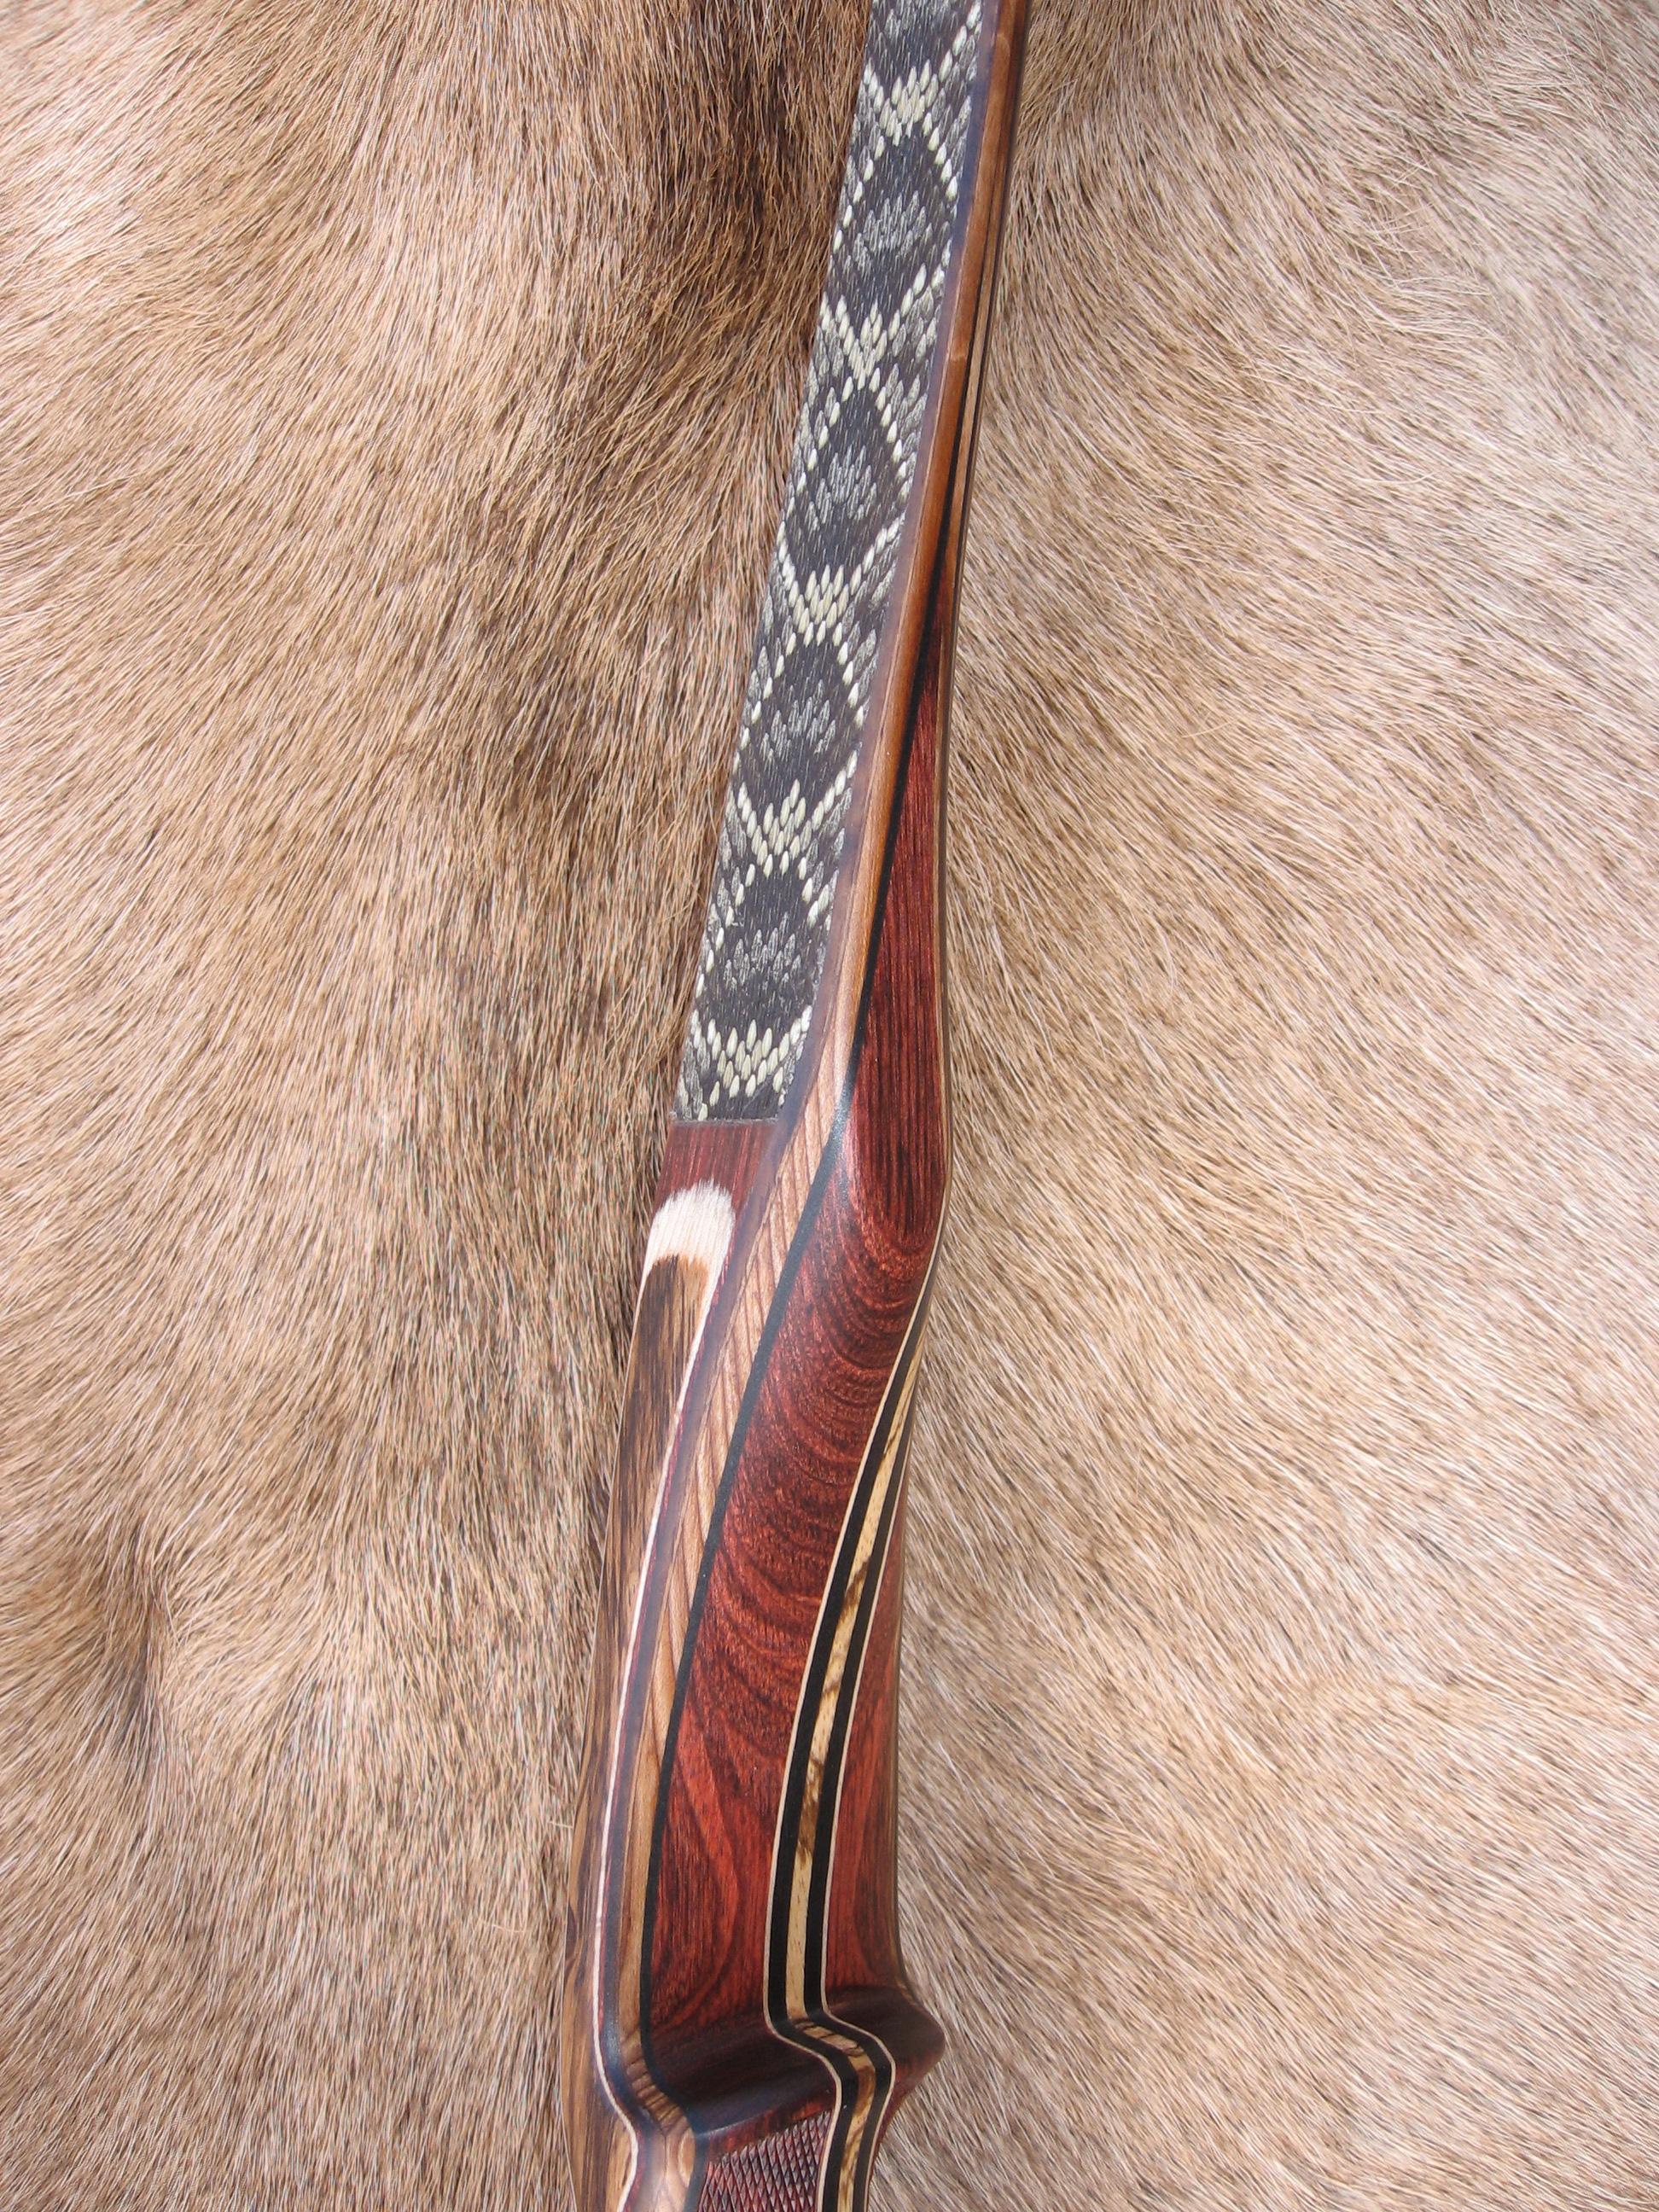 Rosewood Dym. Riser- Diamondback skins